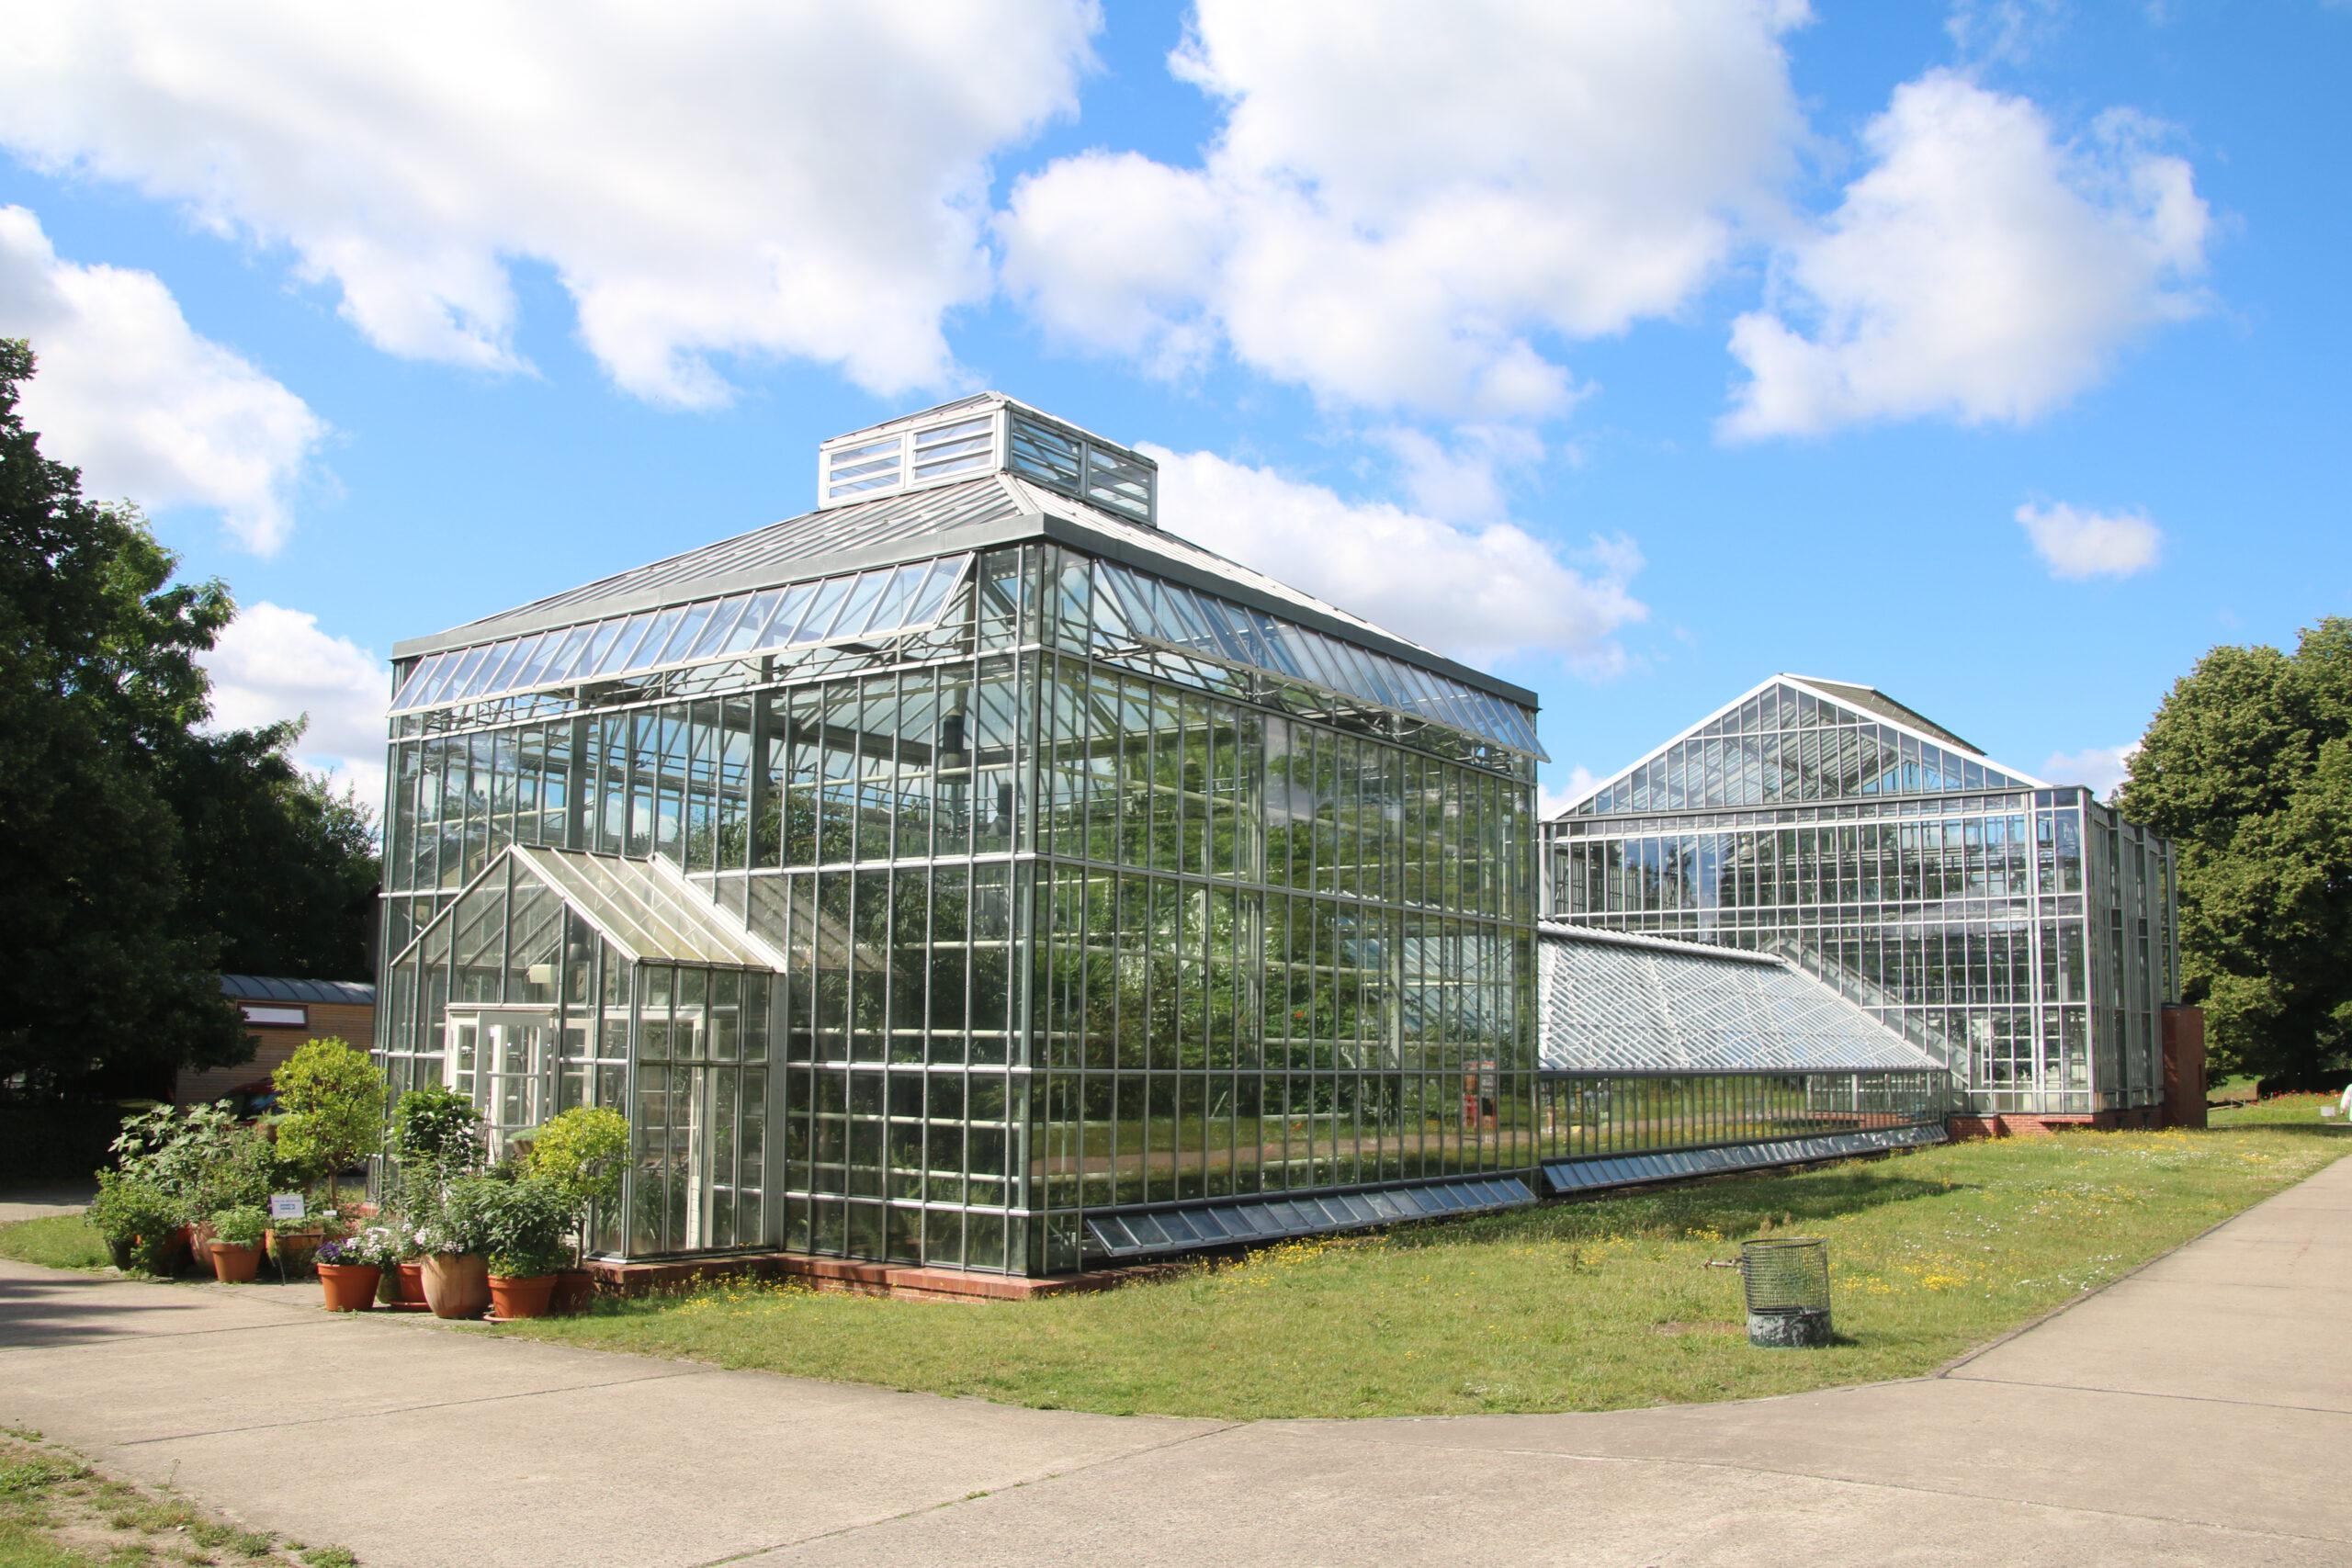 Botanischer Volkspark Blankenfelde Pankow